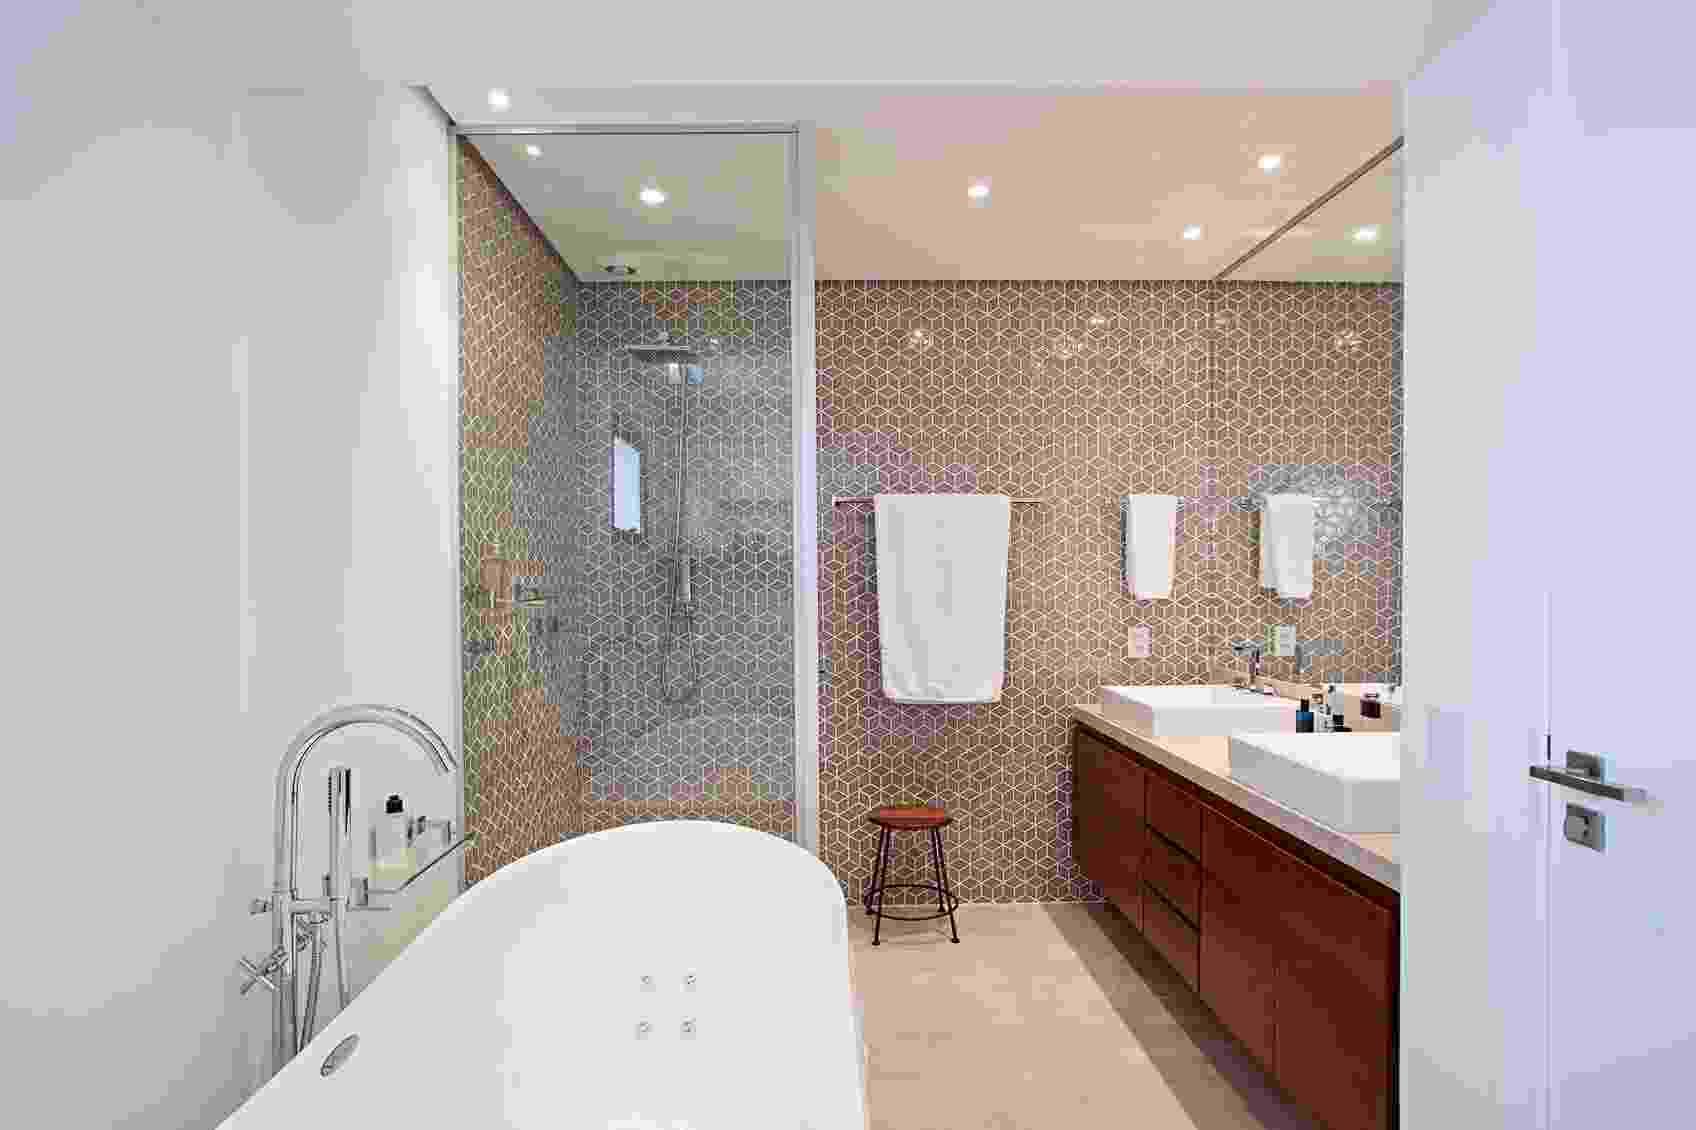 Na reforma comandada pela Korman Arquitetos, o quarto de empregada e o antigo banheiro foram integrados para criar essa generosa sala de banho. O piso tem porcelanato com visual de cimento queimado e as paredes receberam mosaico cerâmico (Portobello), que virou a atração do espaço. Destaque para a banheira do tipo freestanding (Spas Versati), que fica separada da área do boxe - Gui Morelli/Divulgação